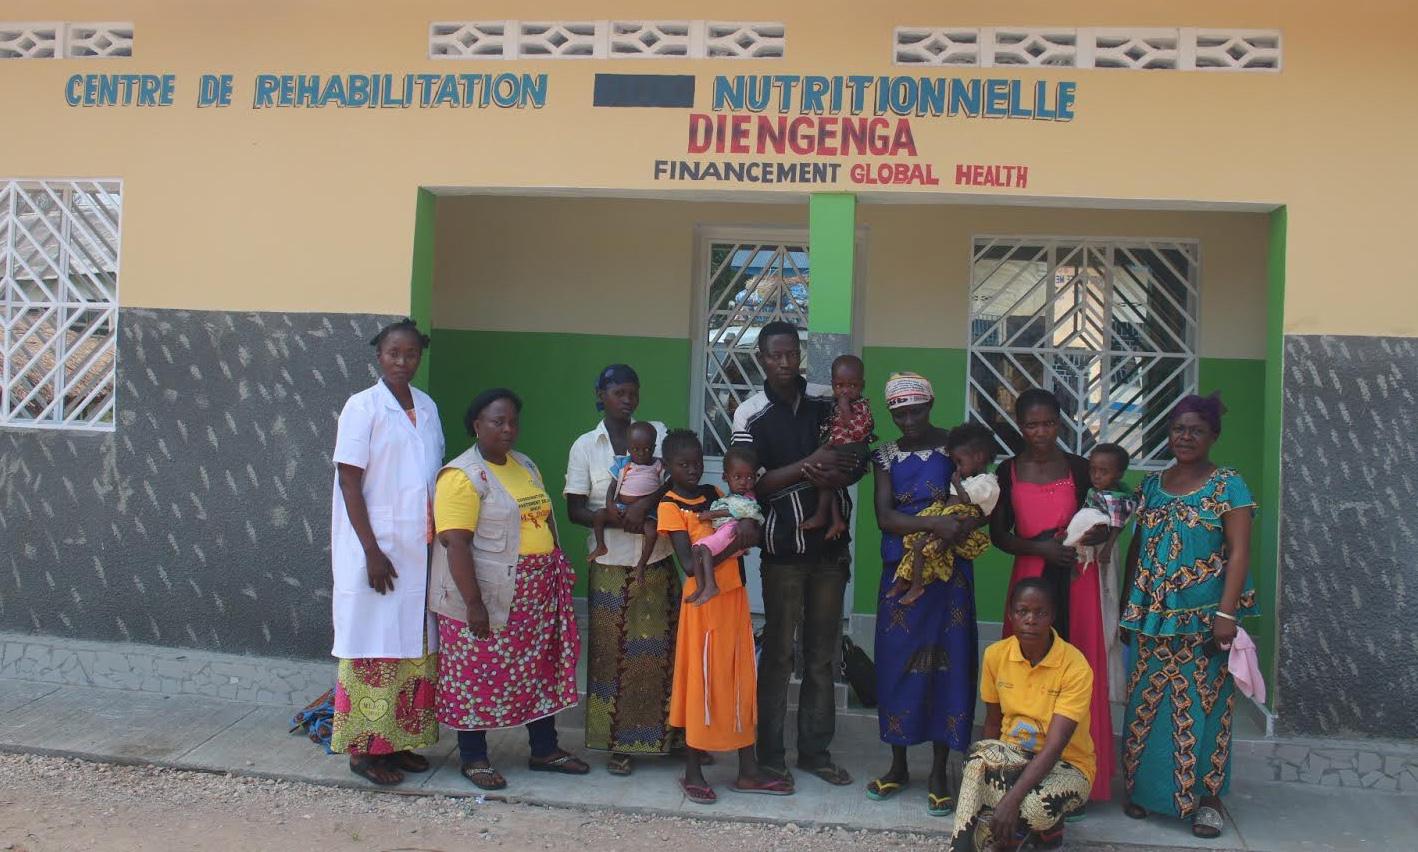 Les personnels du Centre, Denise Mondji et Hélène Okito lors de la sortie du Centre de trois enfants après leur traitement. Plus de 654 enfants ont été pris en charge dans le centre de traitement nutritionelle de Diengenga construit grâce au financement de Global Health de l'église méthodiste unie. Photo par François Omanyondo.